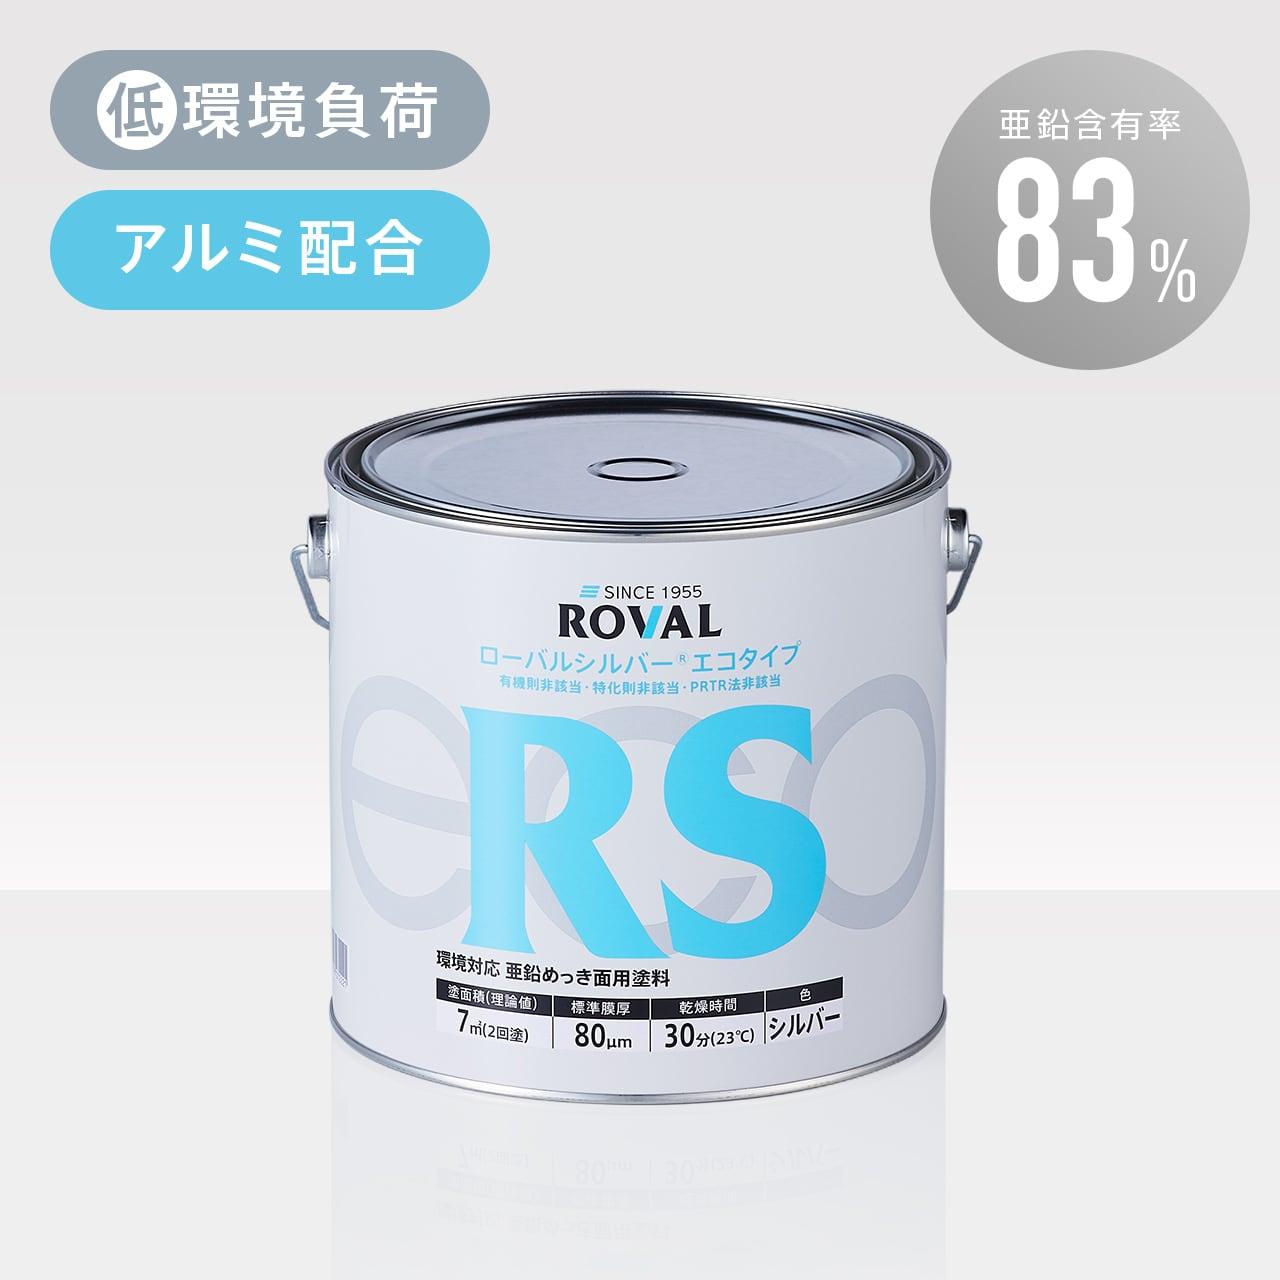 ローバルシルバーエコタイプ 3.5kg缶